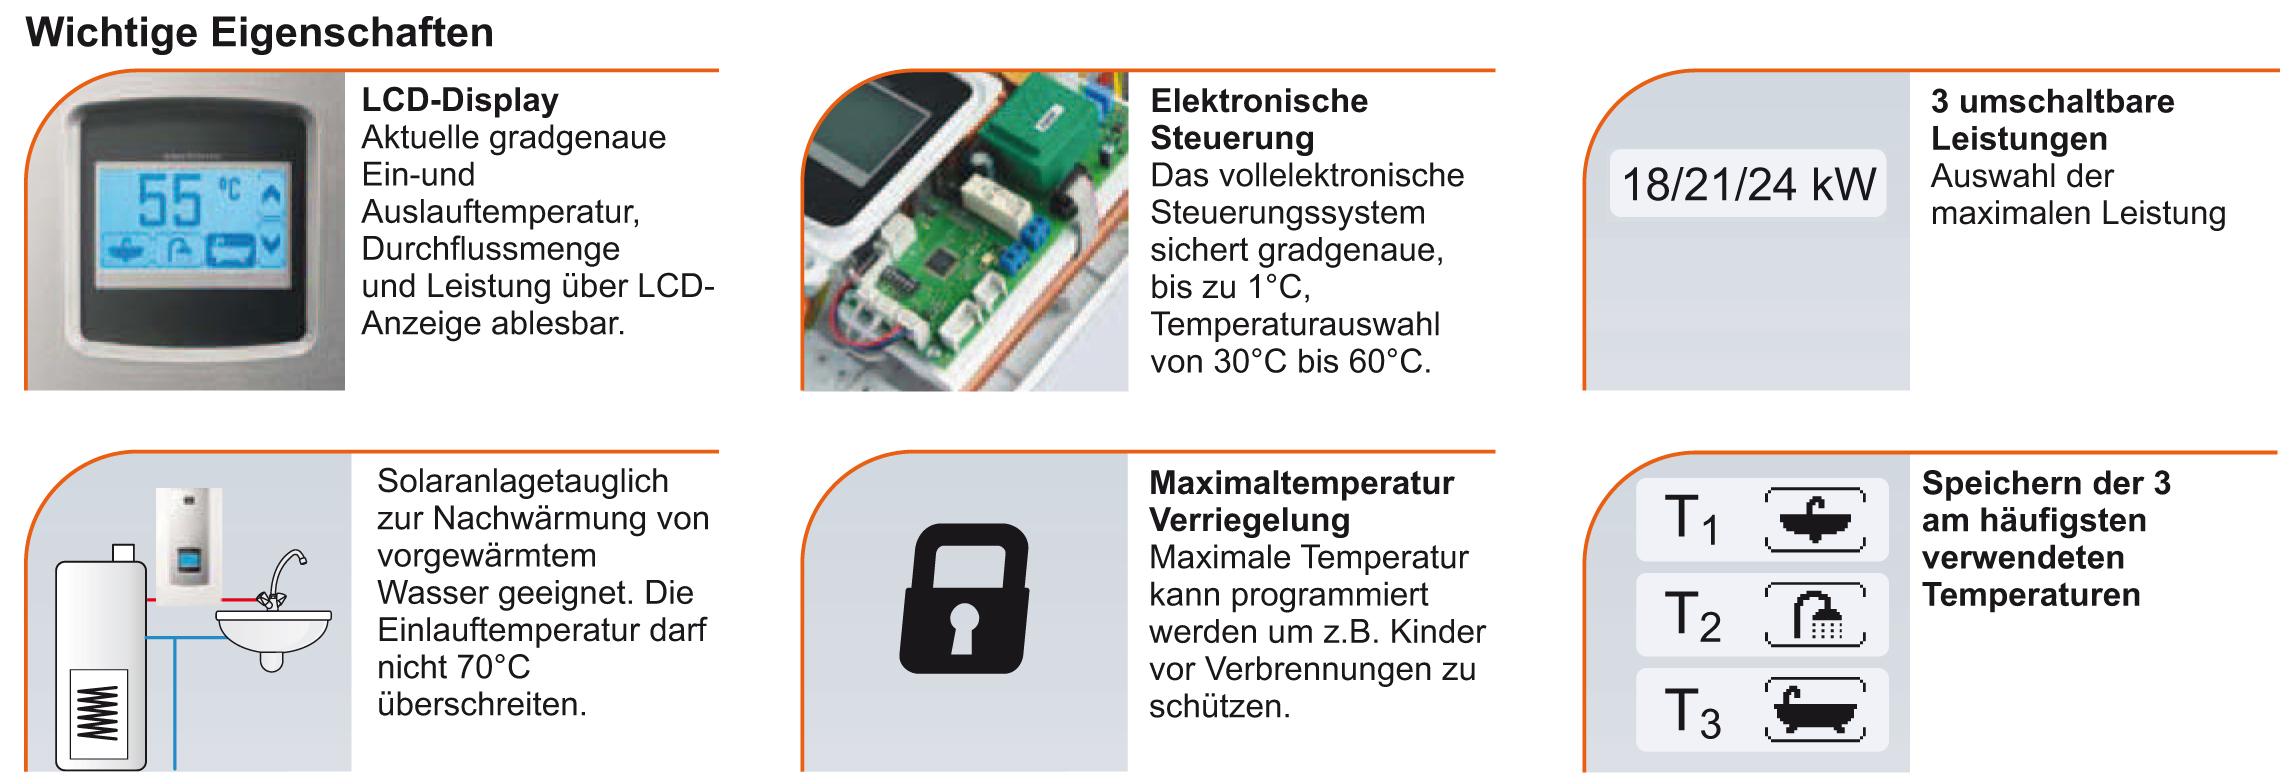 http://a-vierling.de/ebay/ppveeigen2.jpg